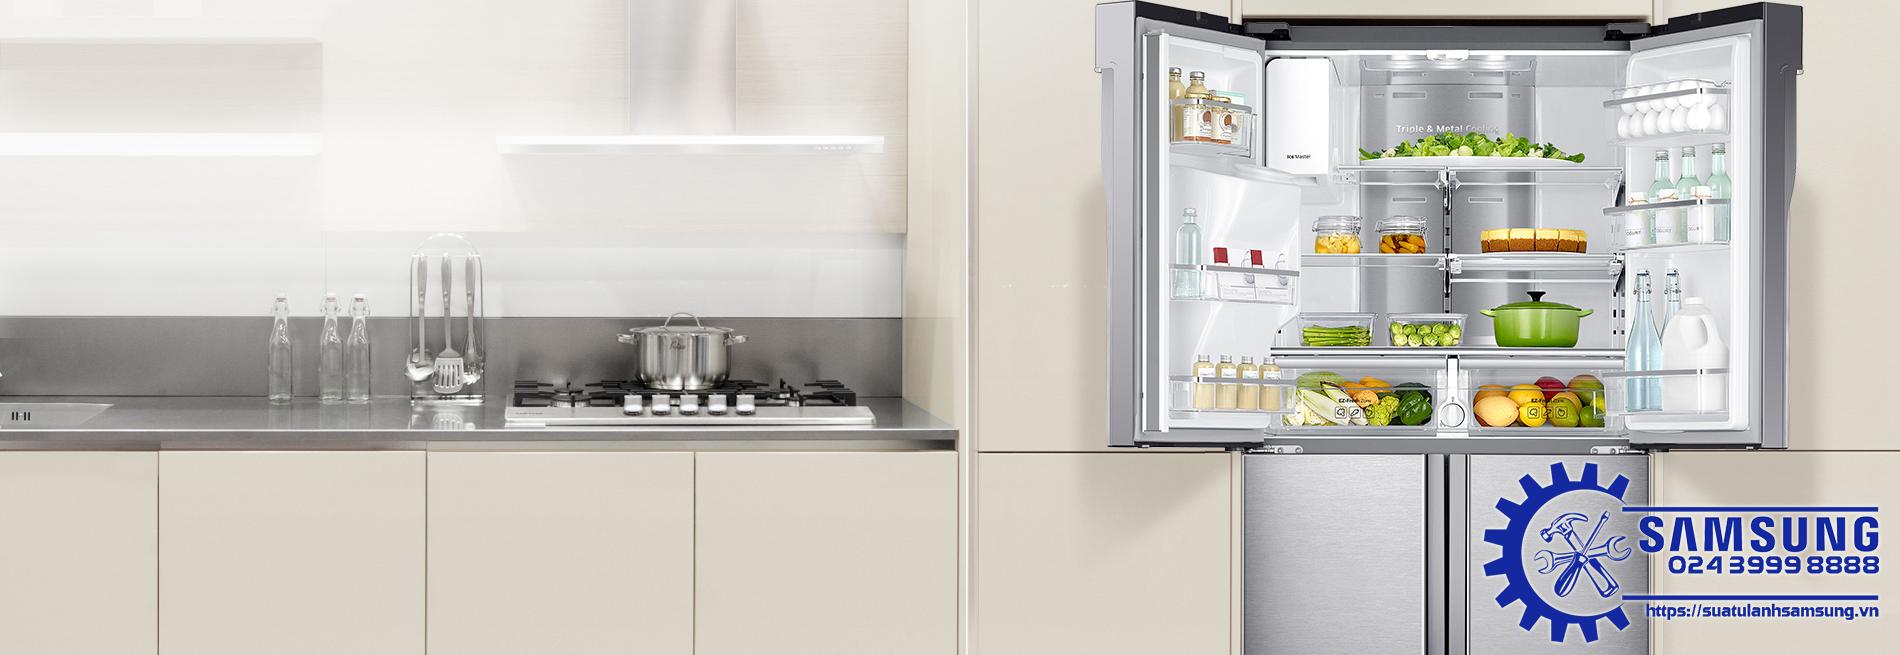 Sửa Tủ Lạnh Samsung Tại Nhà